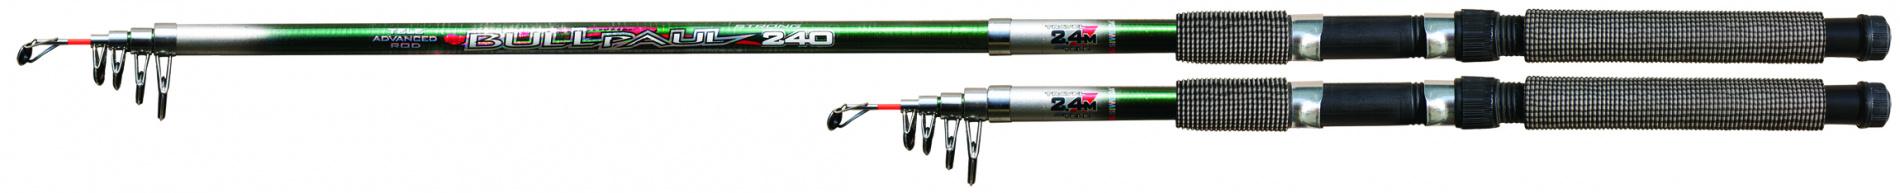 Спиннинг тел. SWD BULL-PAUL 3м (30-60г)Спинниги<br>Телескопический спиннинг длиной 3,0м с тестом <br>30-60г изготовленный из стеклопластика. Дополнительно <br>может использоваться в качестве донного <br>или поплавочного удилища.<br>